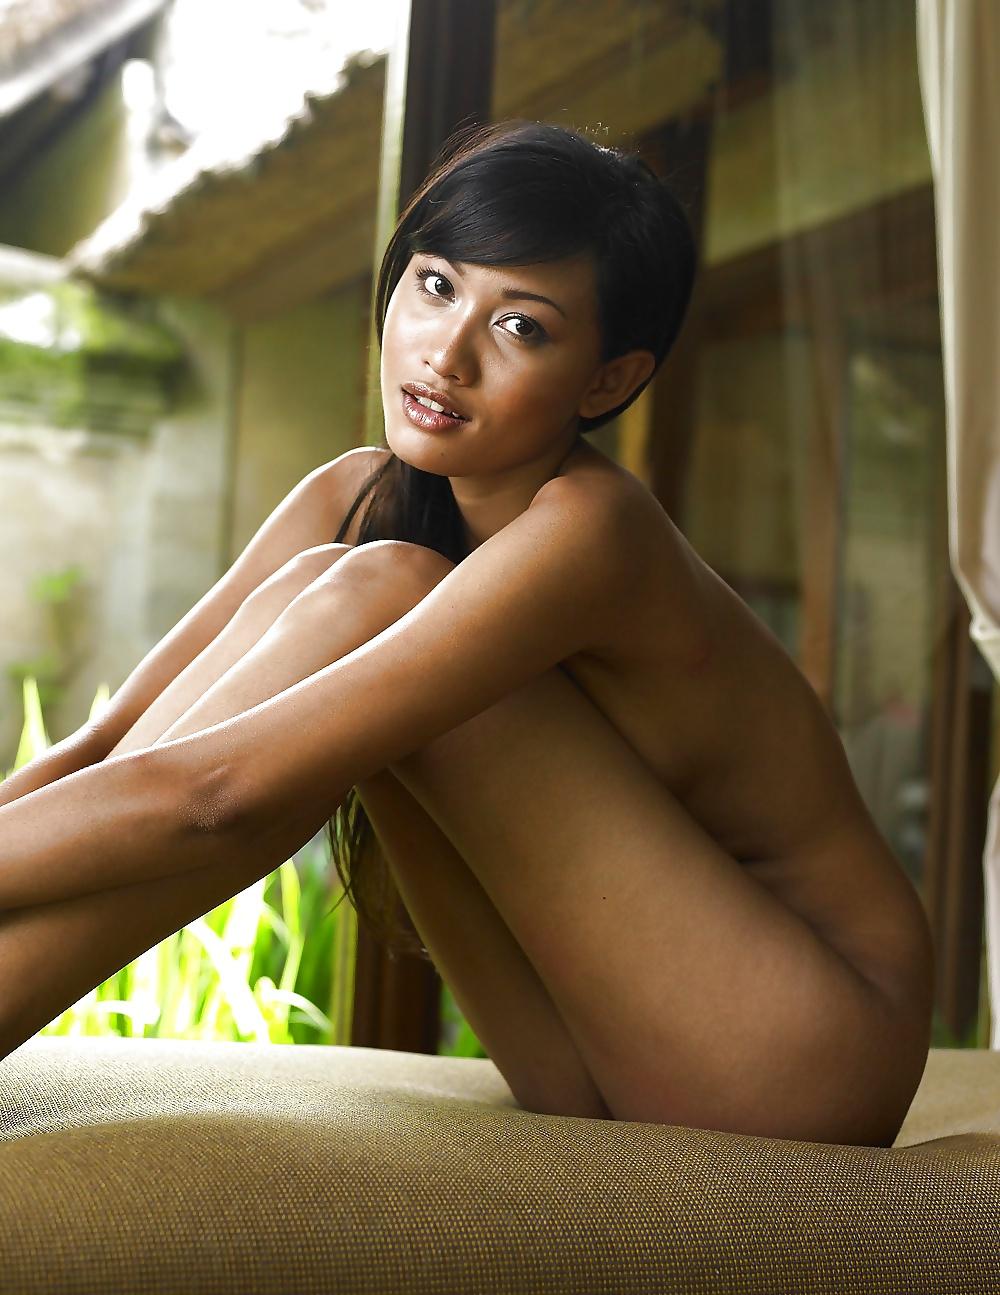 Bali Beach Boy Porn Galery Watch And Download Bali Beach Boy Streaming Porn